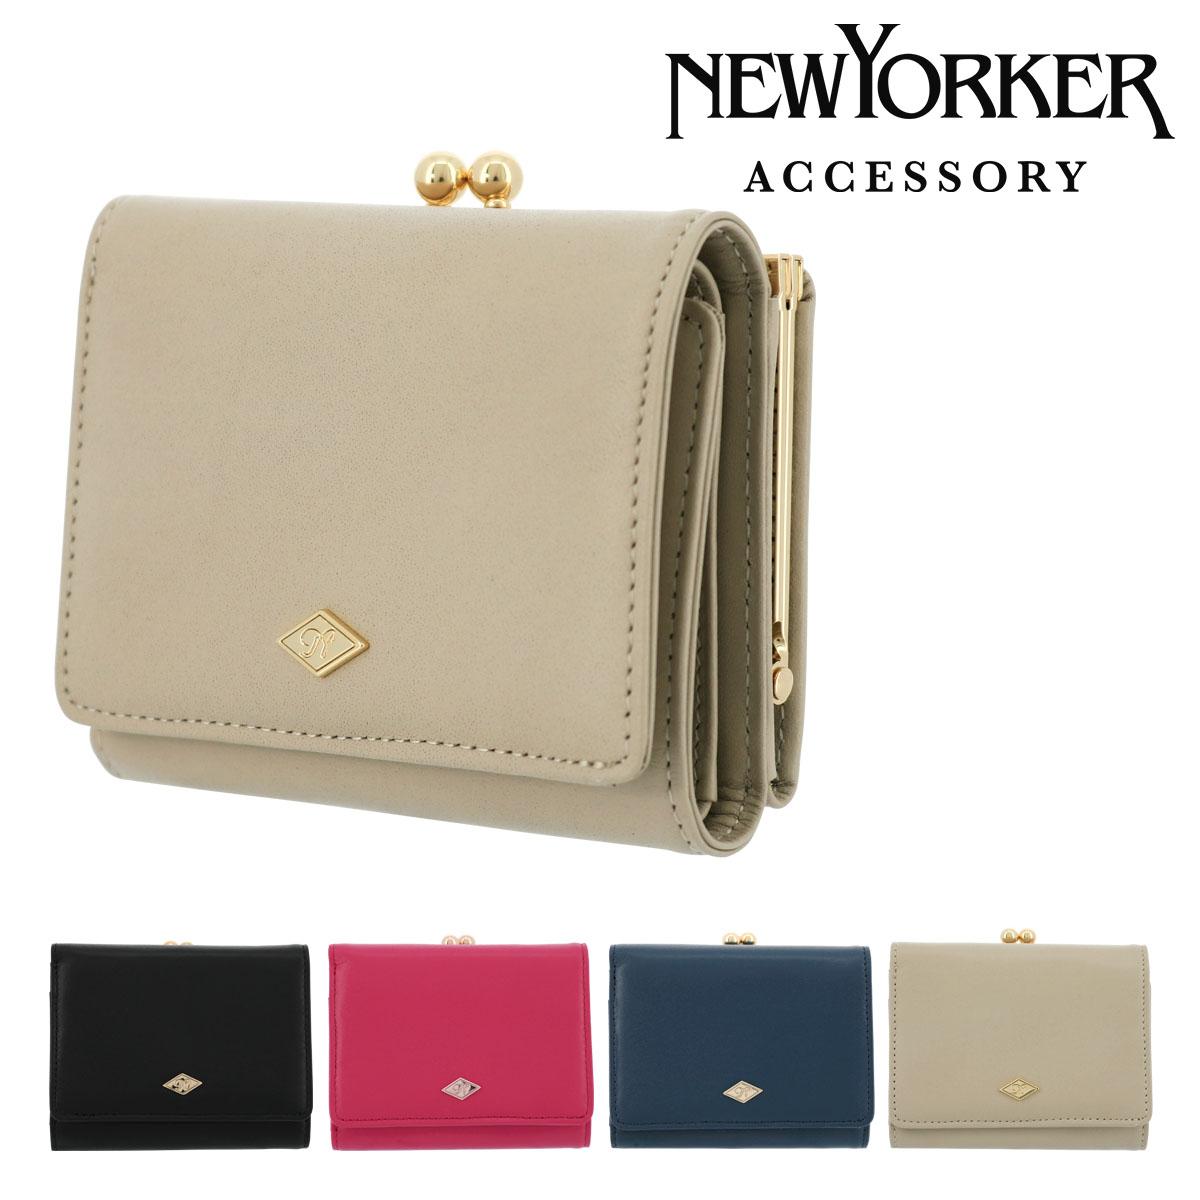 ニューヨーカー 三つ折り財布 がま口 ダイヤモンドブローチ レディース NYP672 NEWYORKER | コンパクト 使いやすい口金式 牛革 本革 レザー ブランド専用BOX付き [bef]